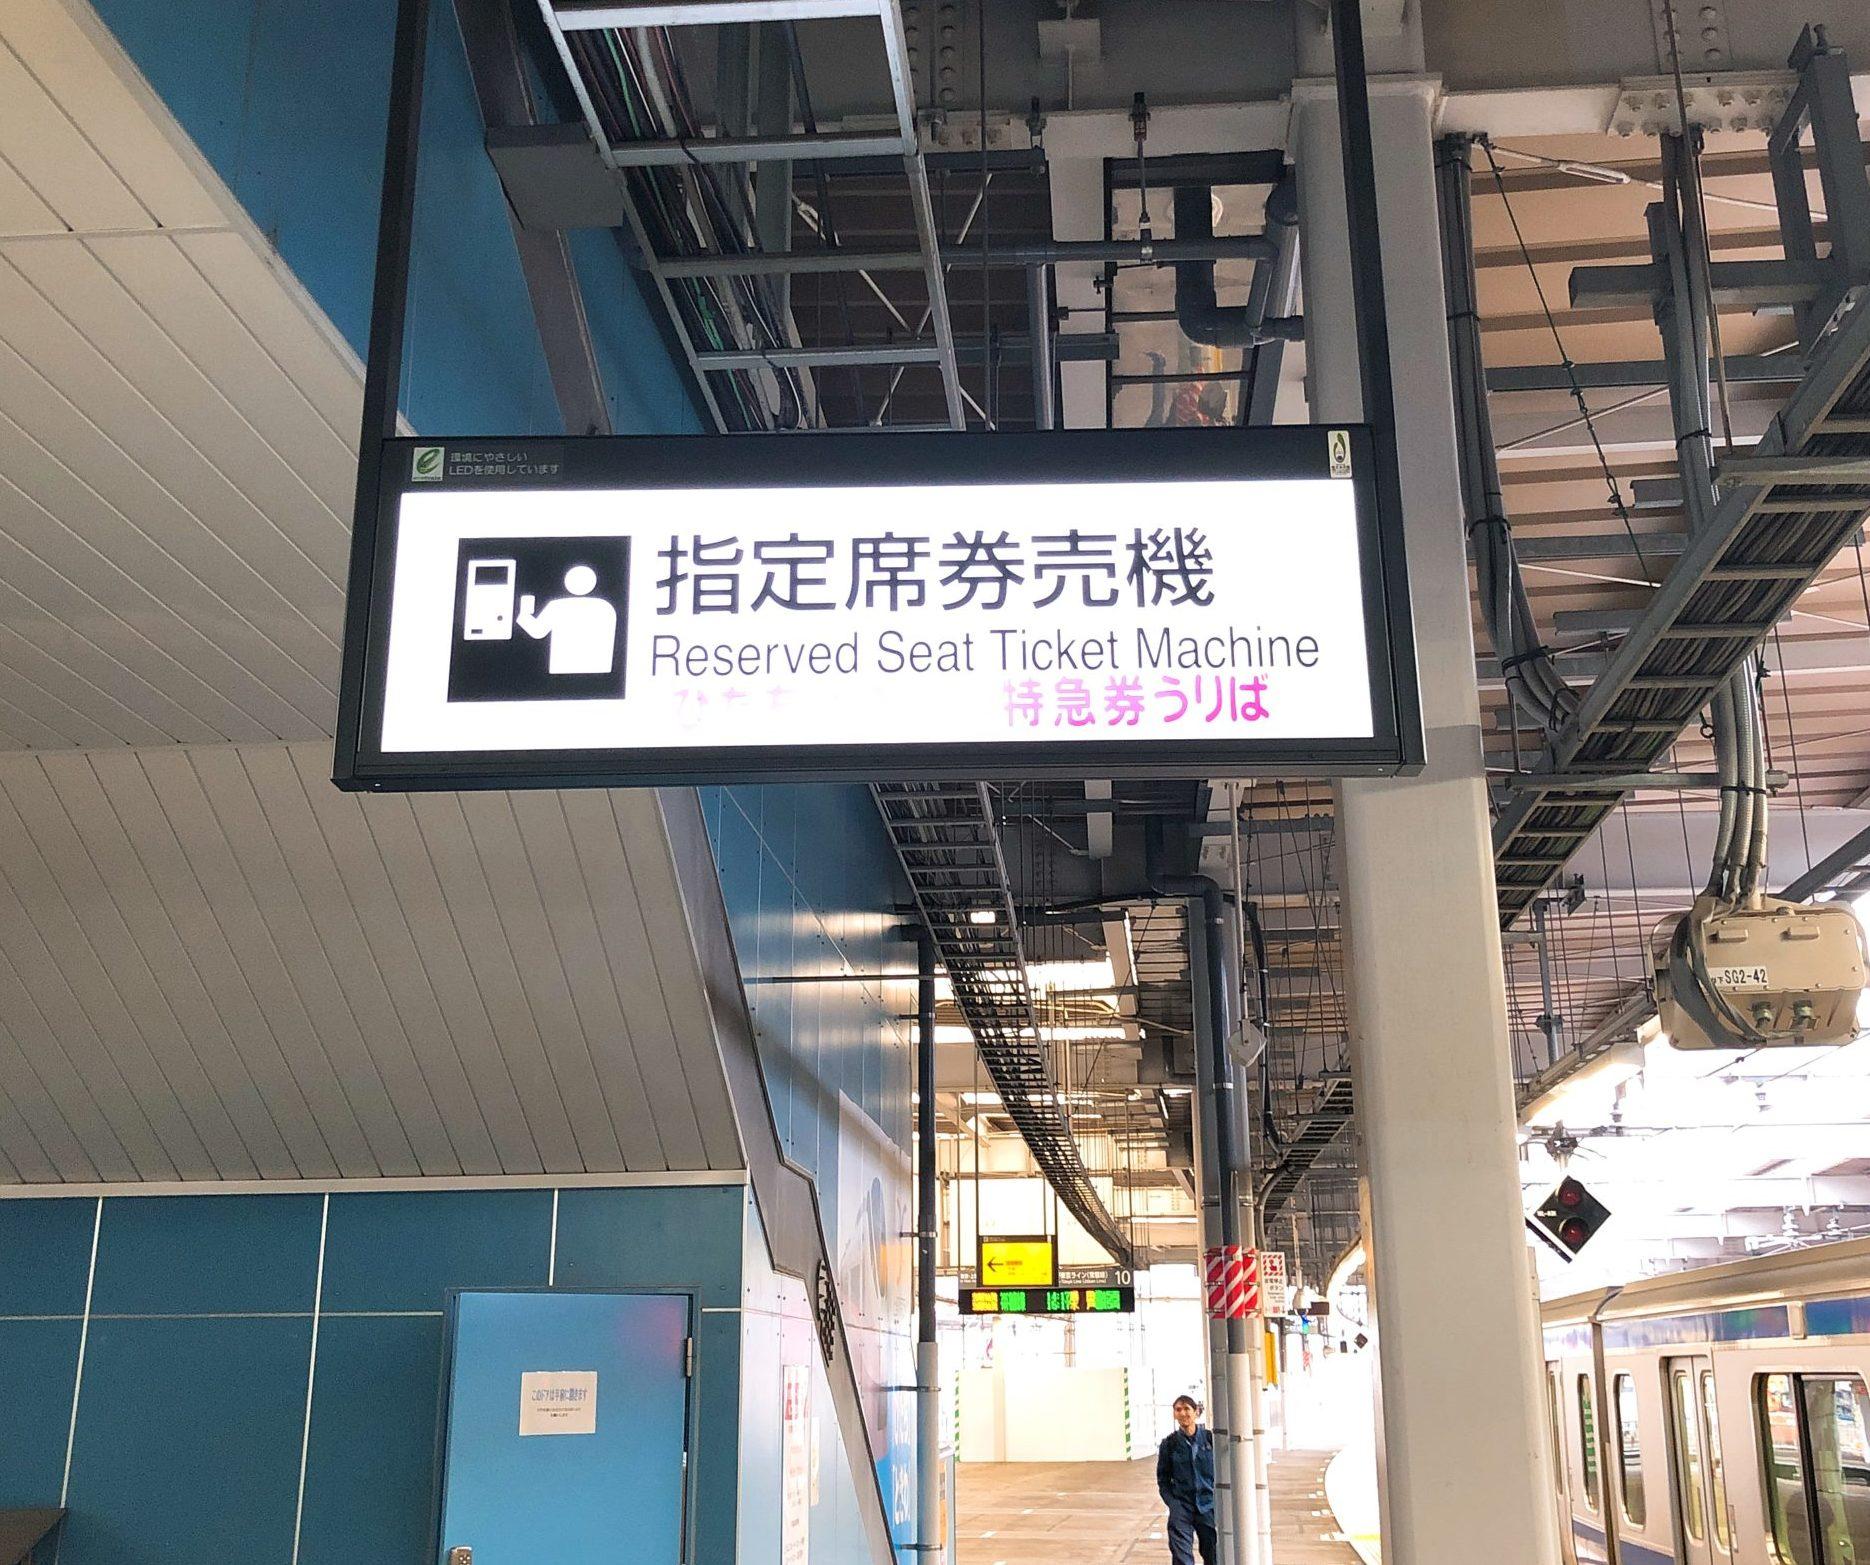 特急ひたち,ときわの特急券は品川駅の出発ホームでも買えます.直前購入のほうが楽チンでした